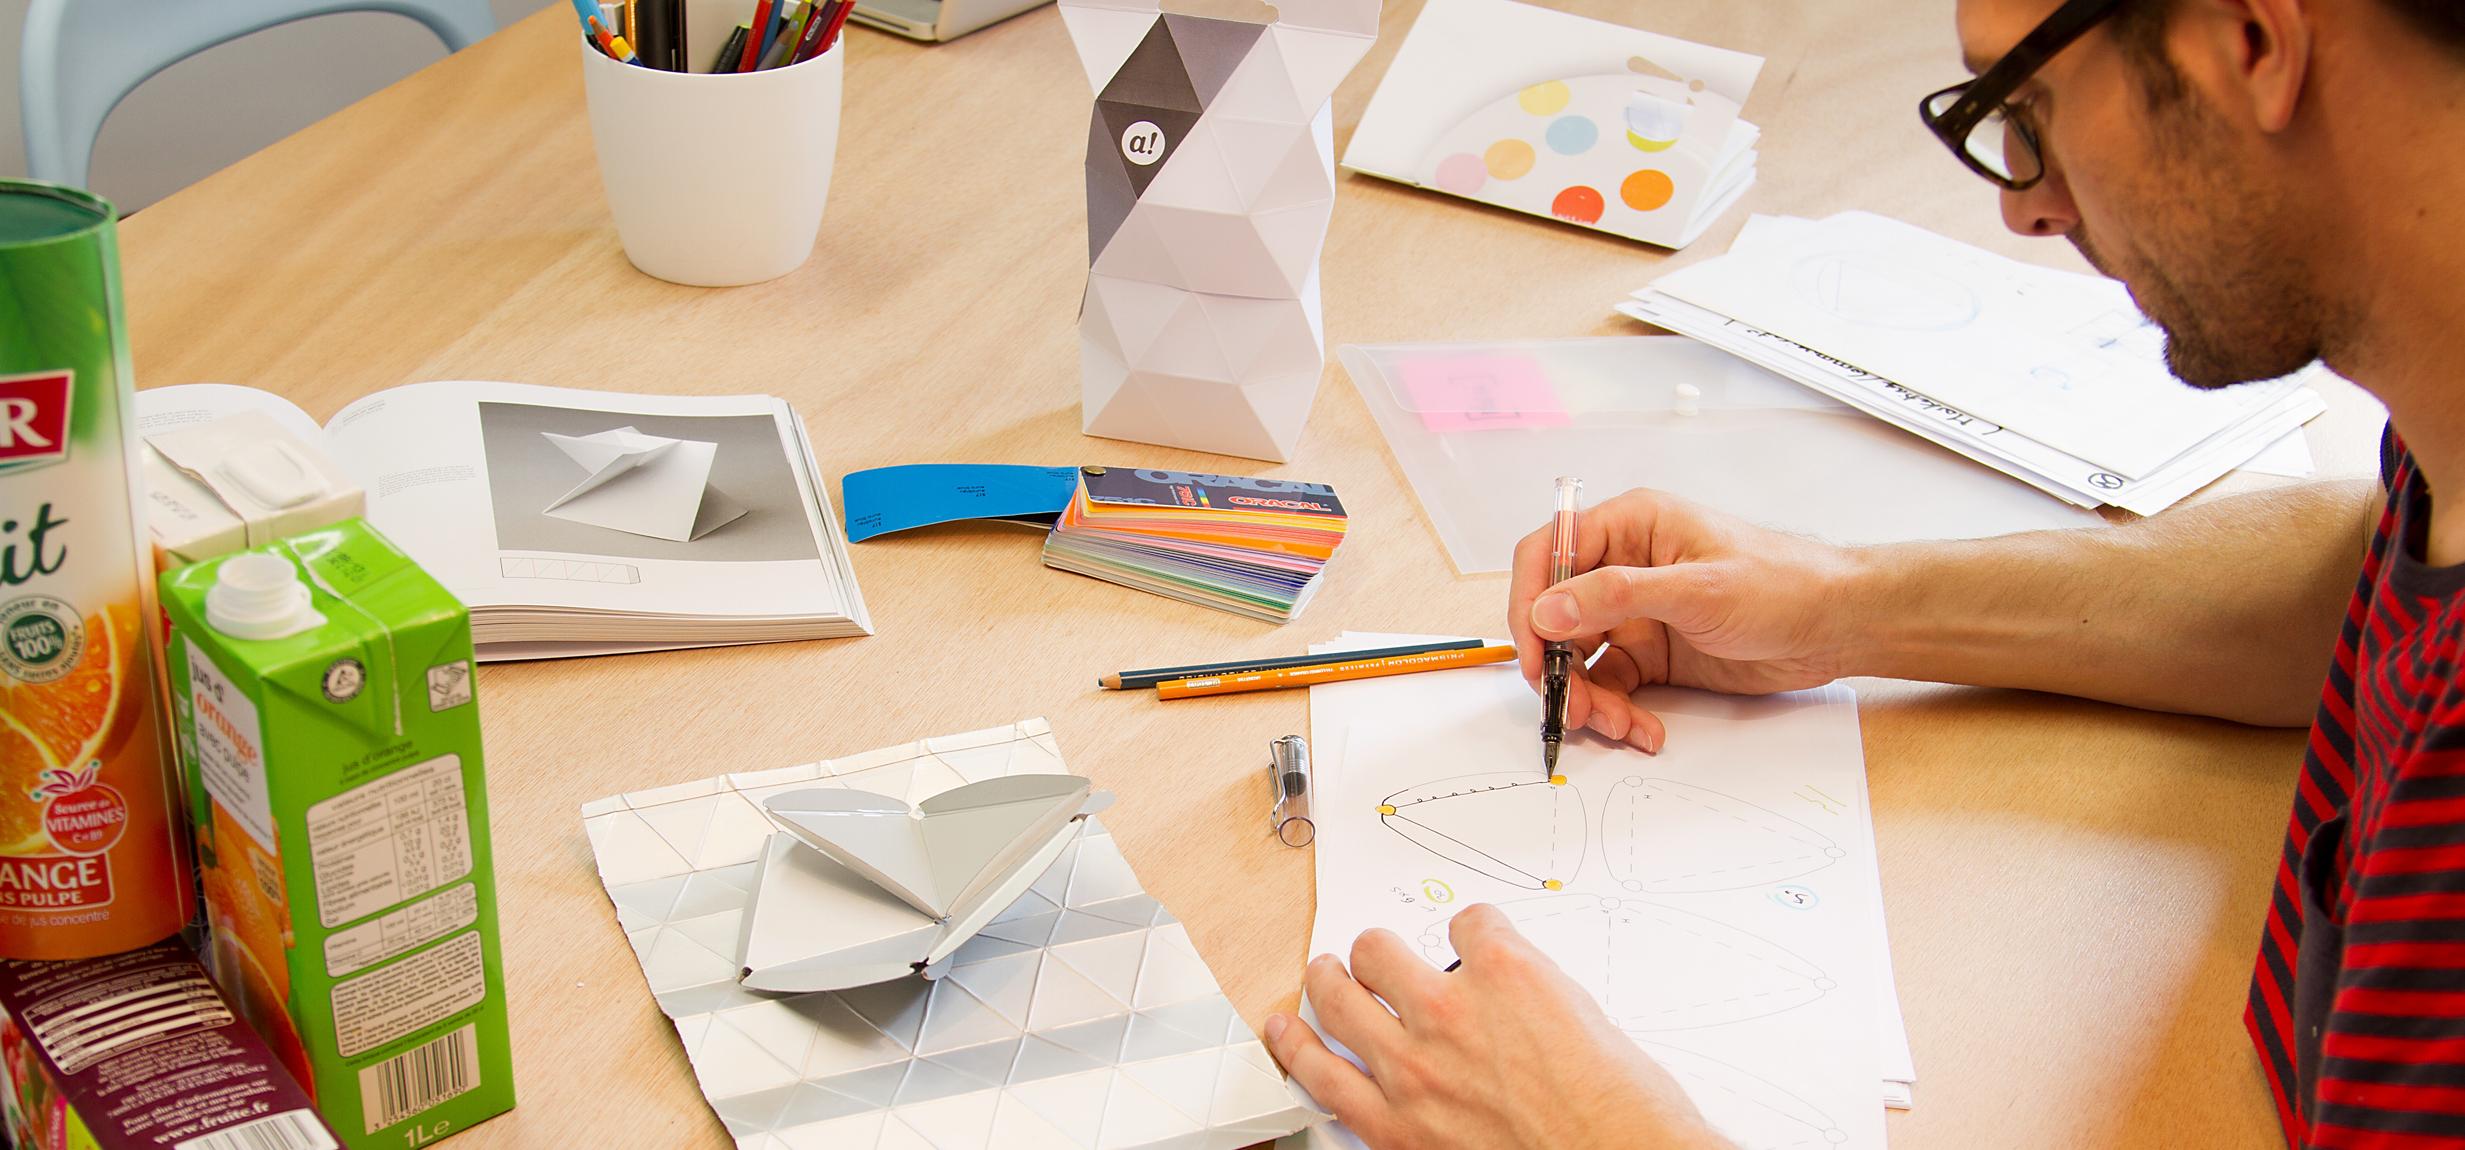 unistudio_merci_lampe_recyclee_design_sketch_créativité_02